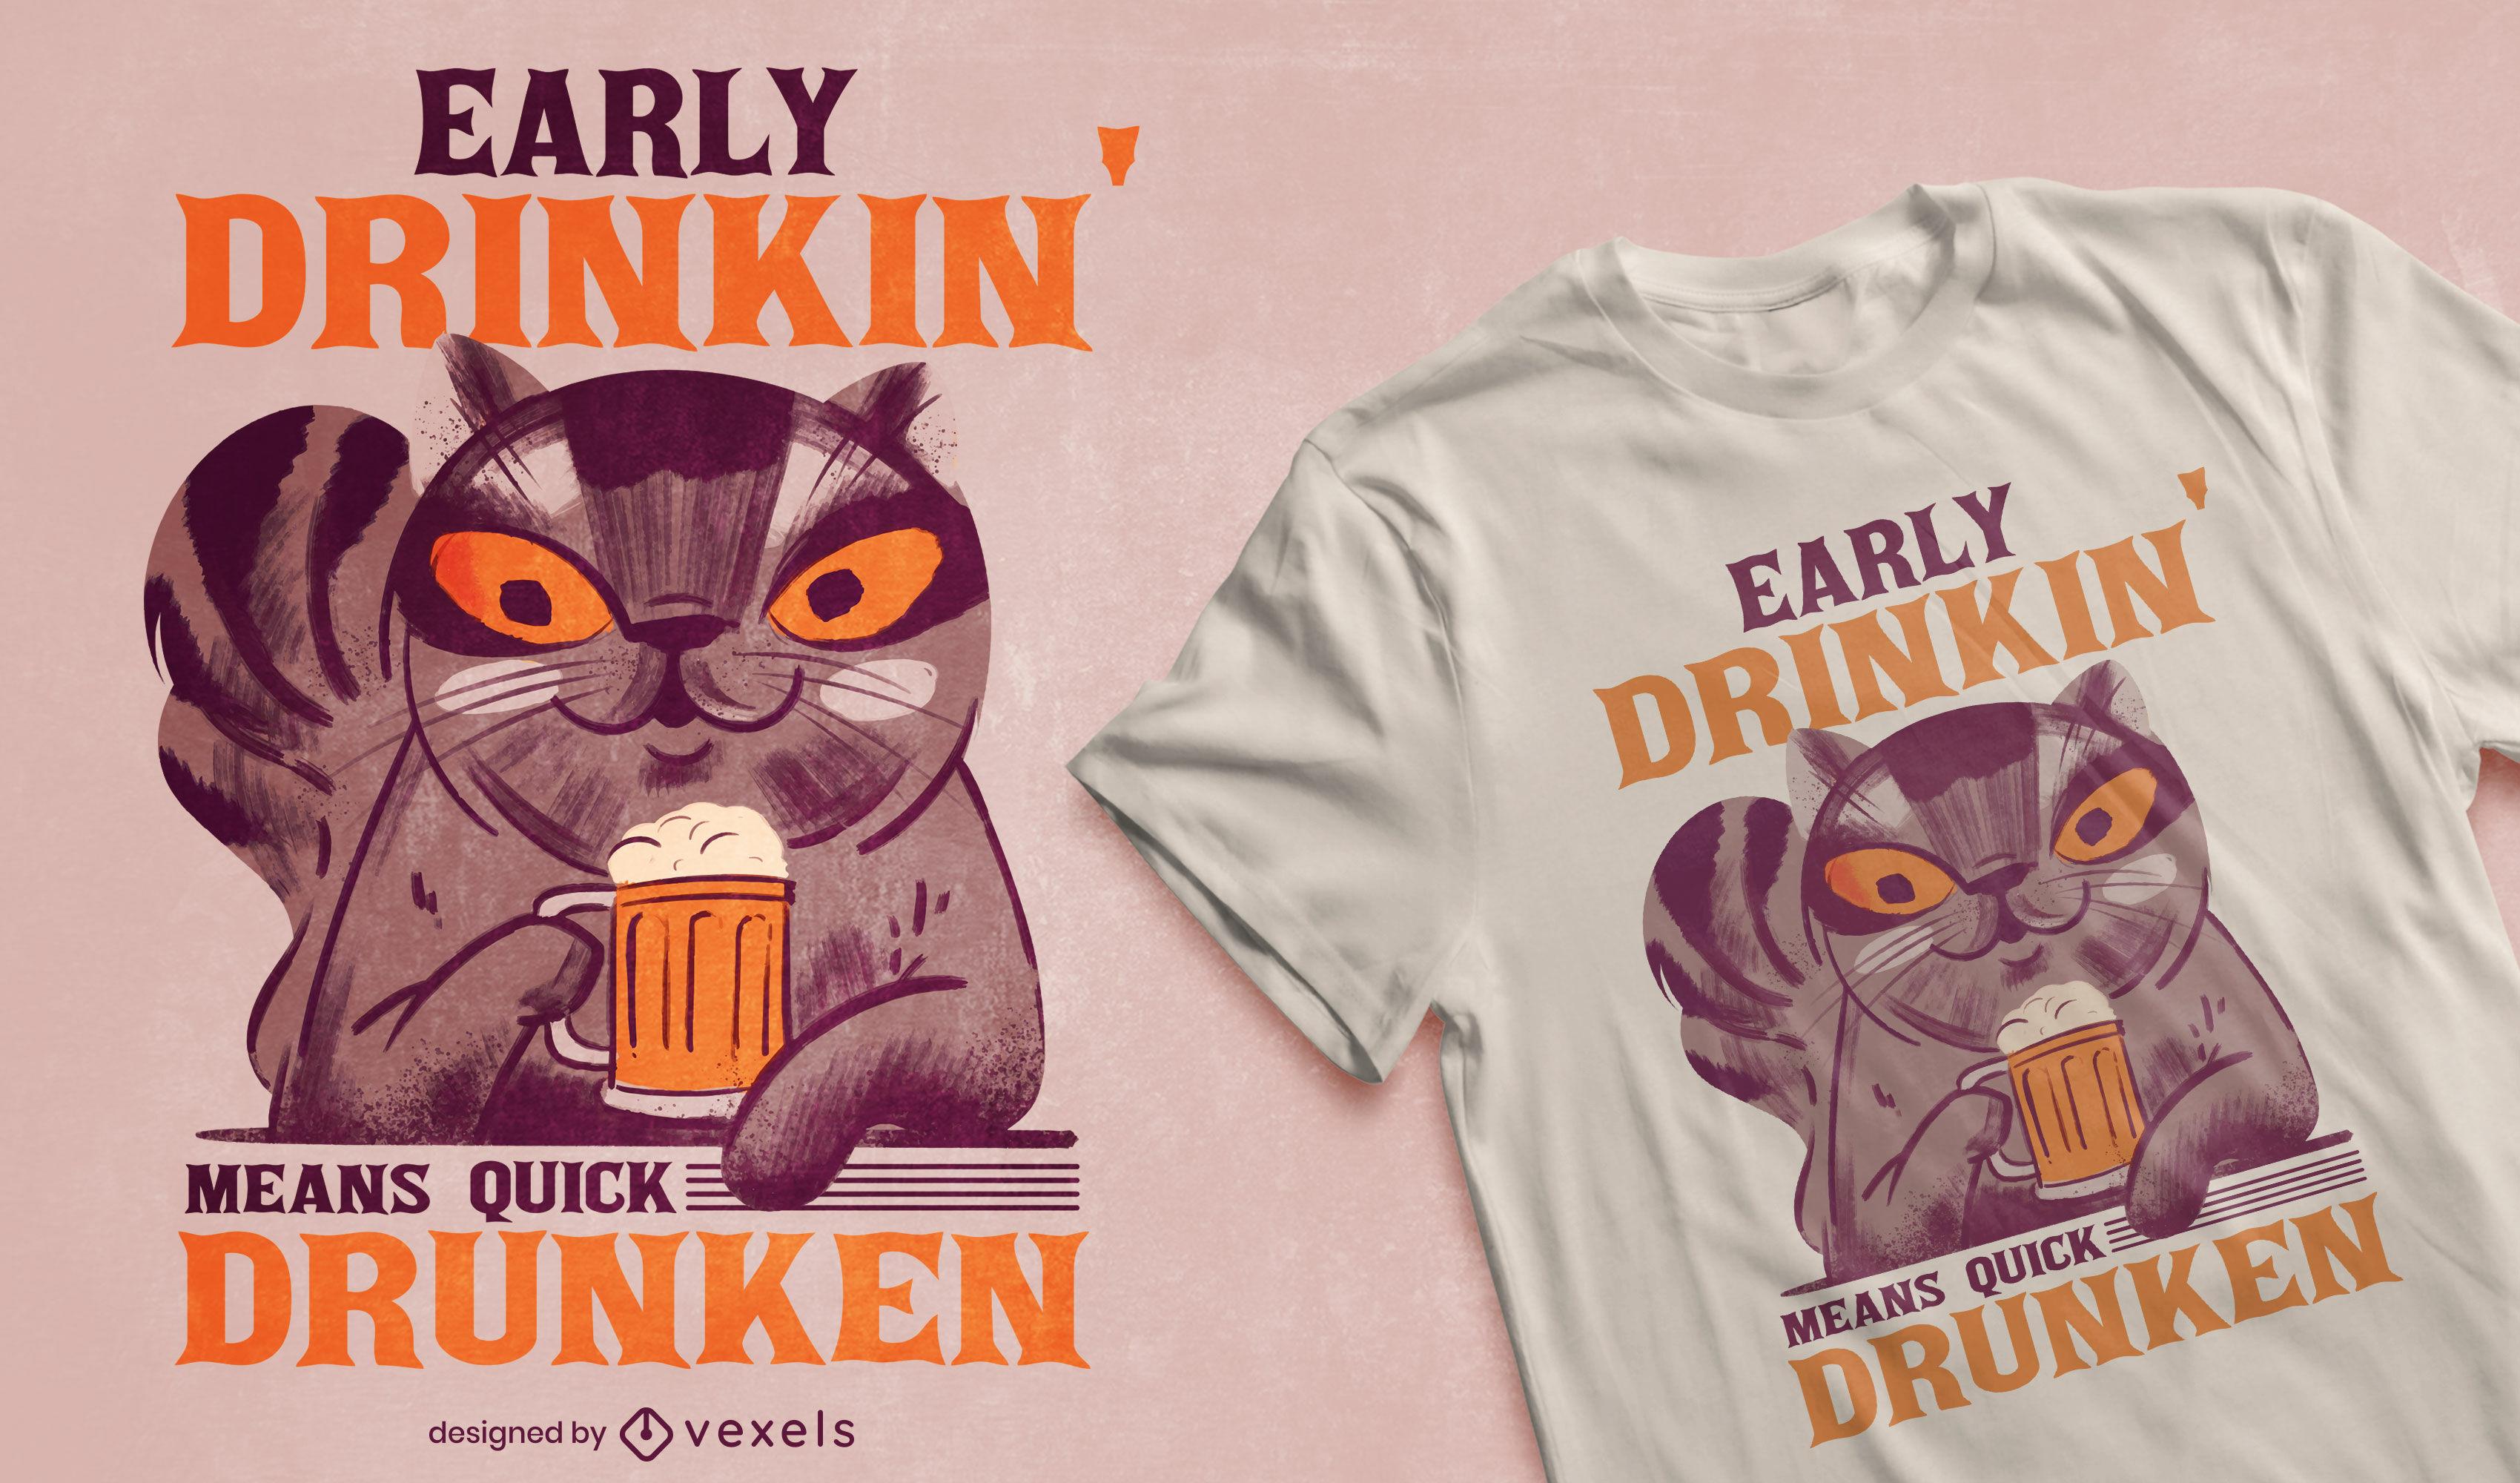 Diseño de camiseta de gato bebiendo cerveza.